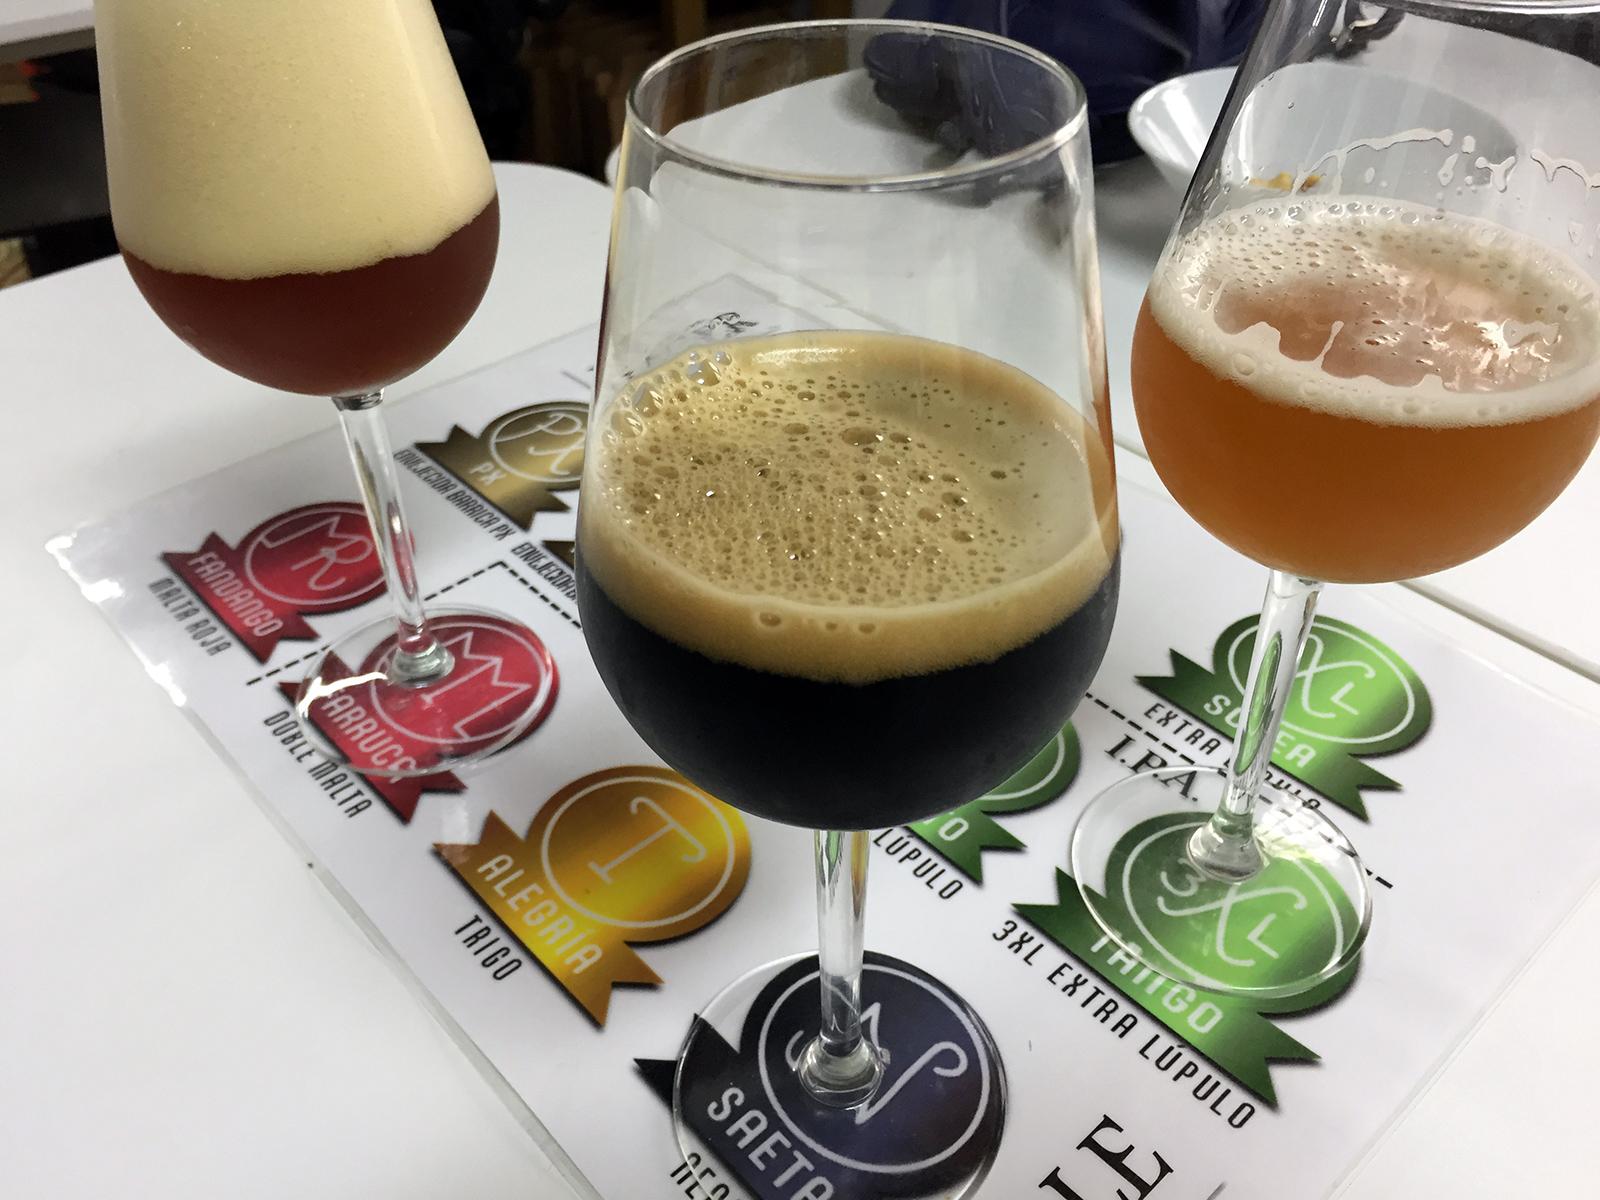 La Jerezana Brewery in Jerez de la Frontera, Spain by Jets Like Taxis